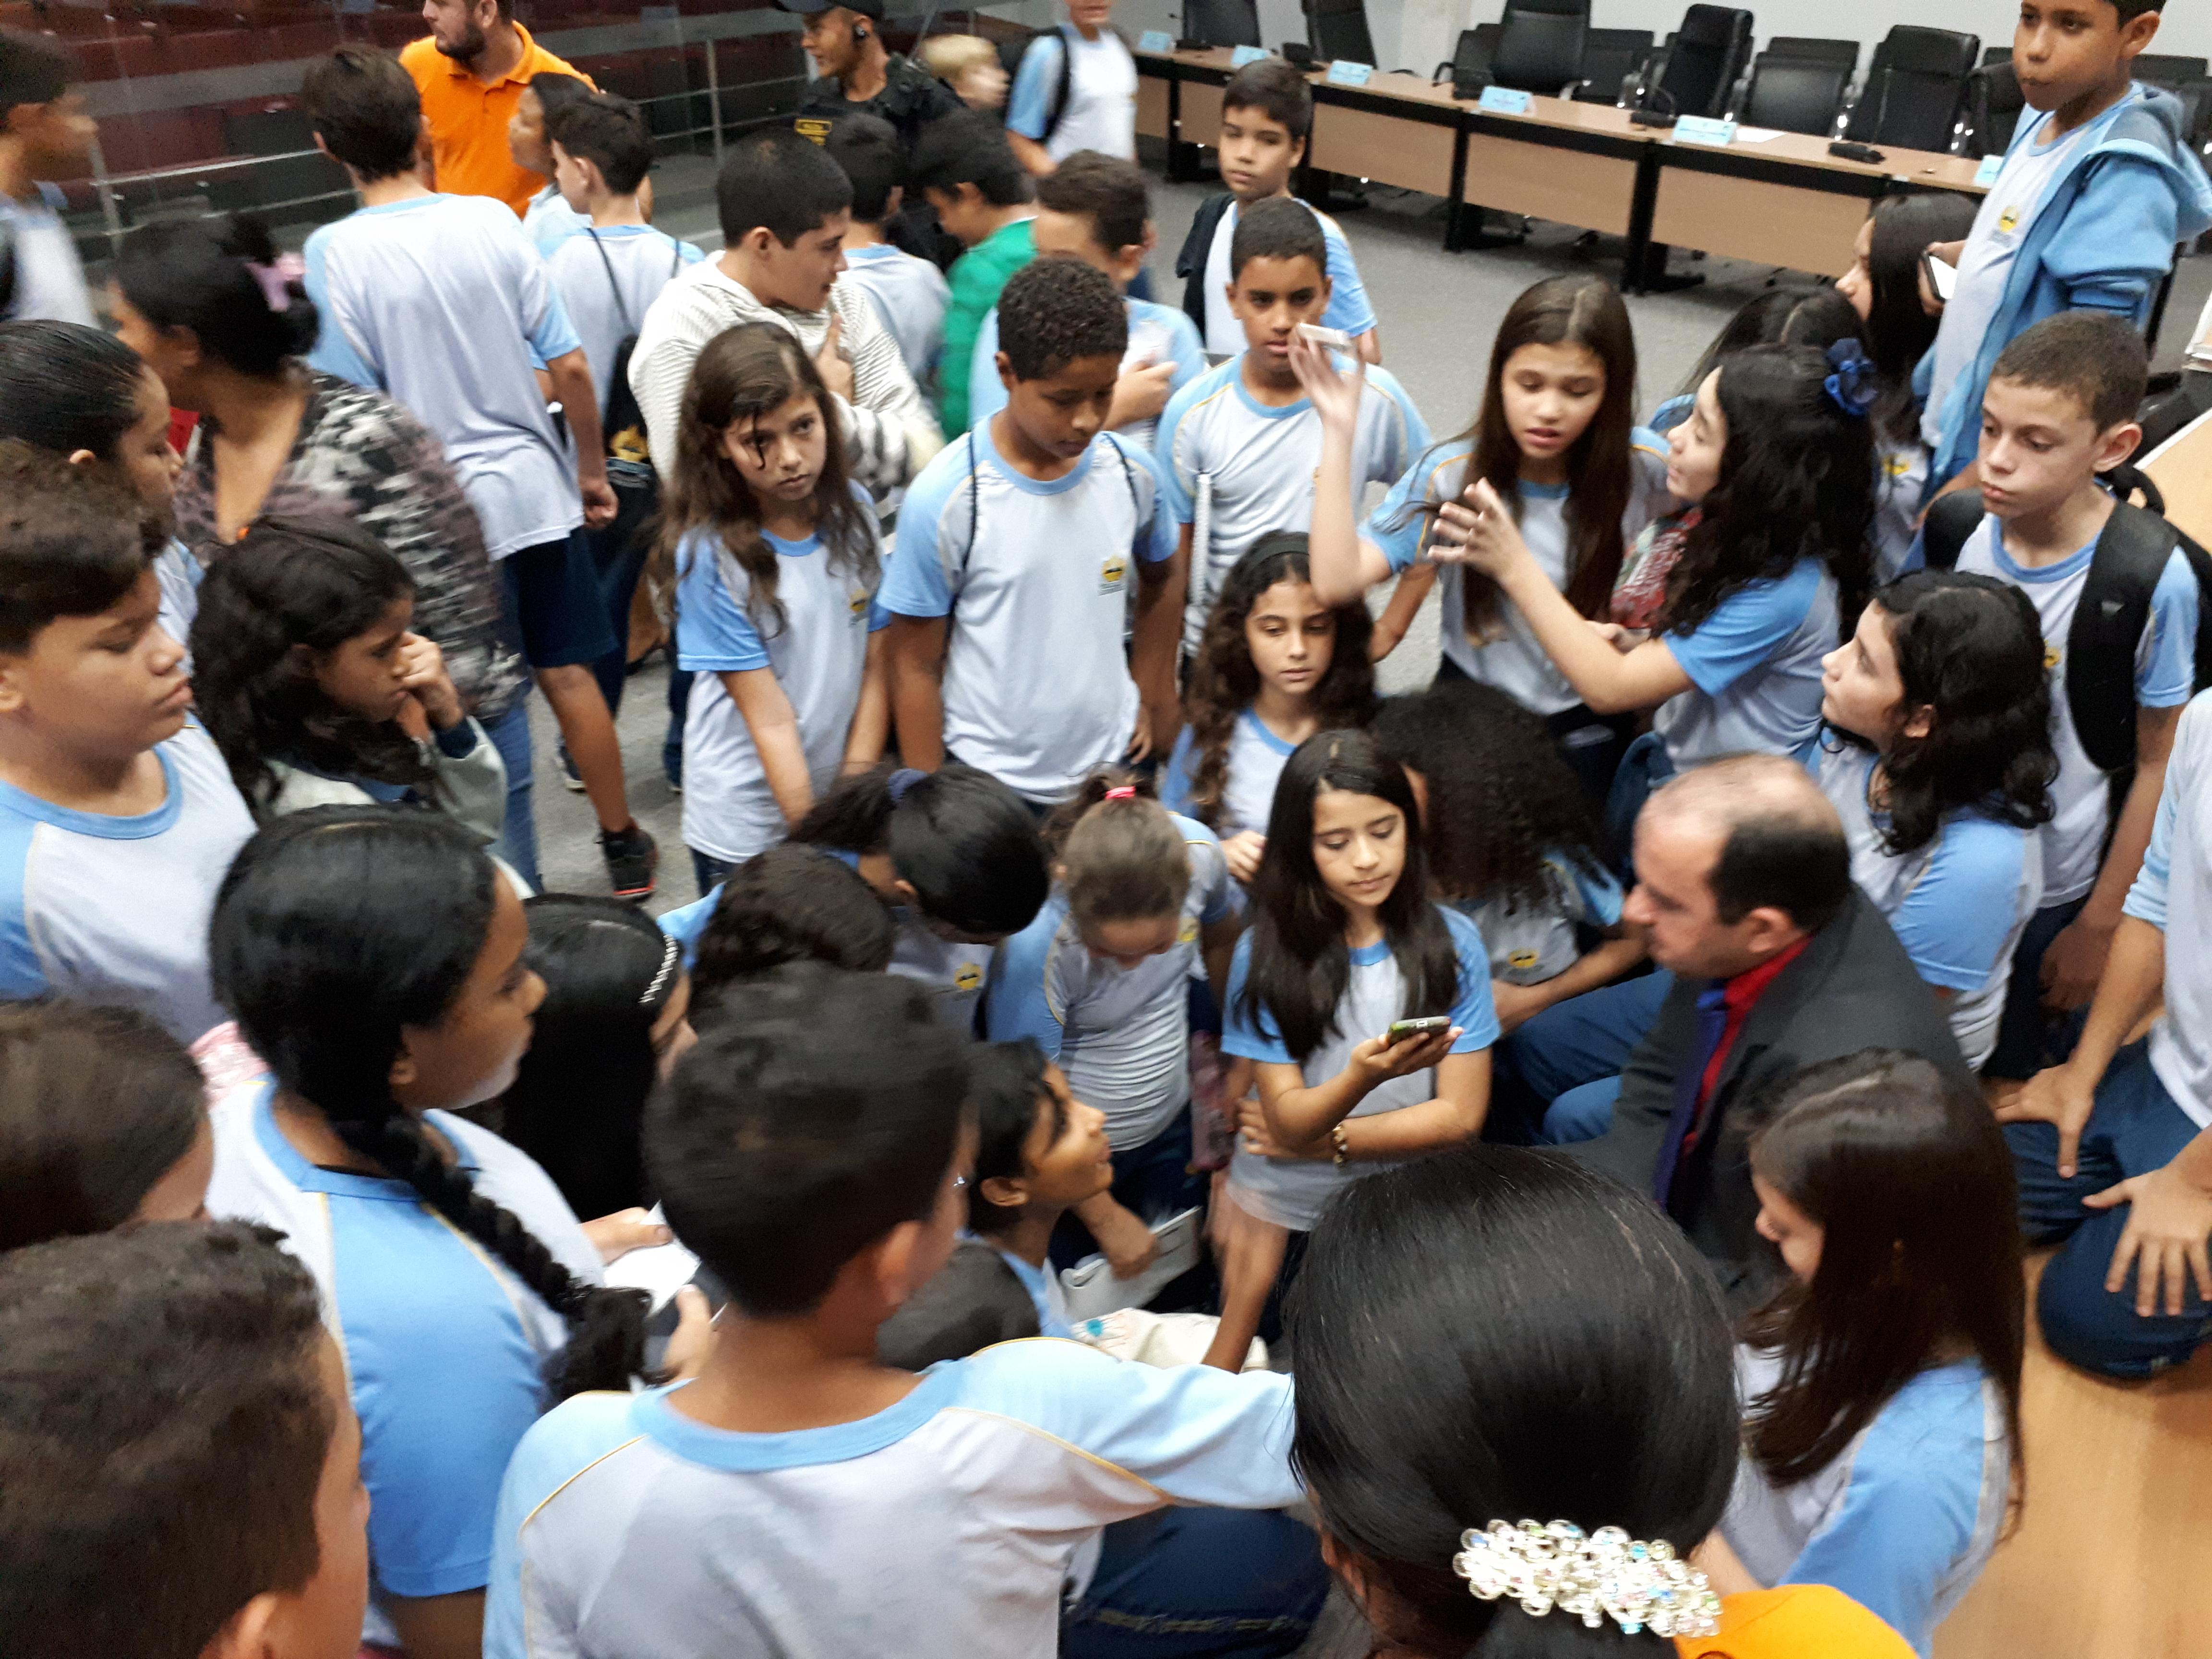 Vereador Braz recepciona alunos da escola Adventista de Parauapebas e esclarece duvidas sobre o trabalho do legislativo